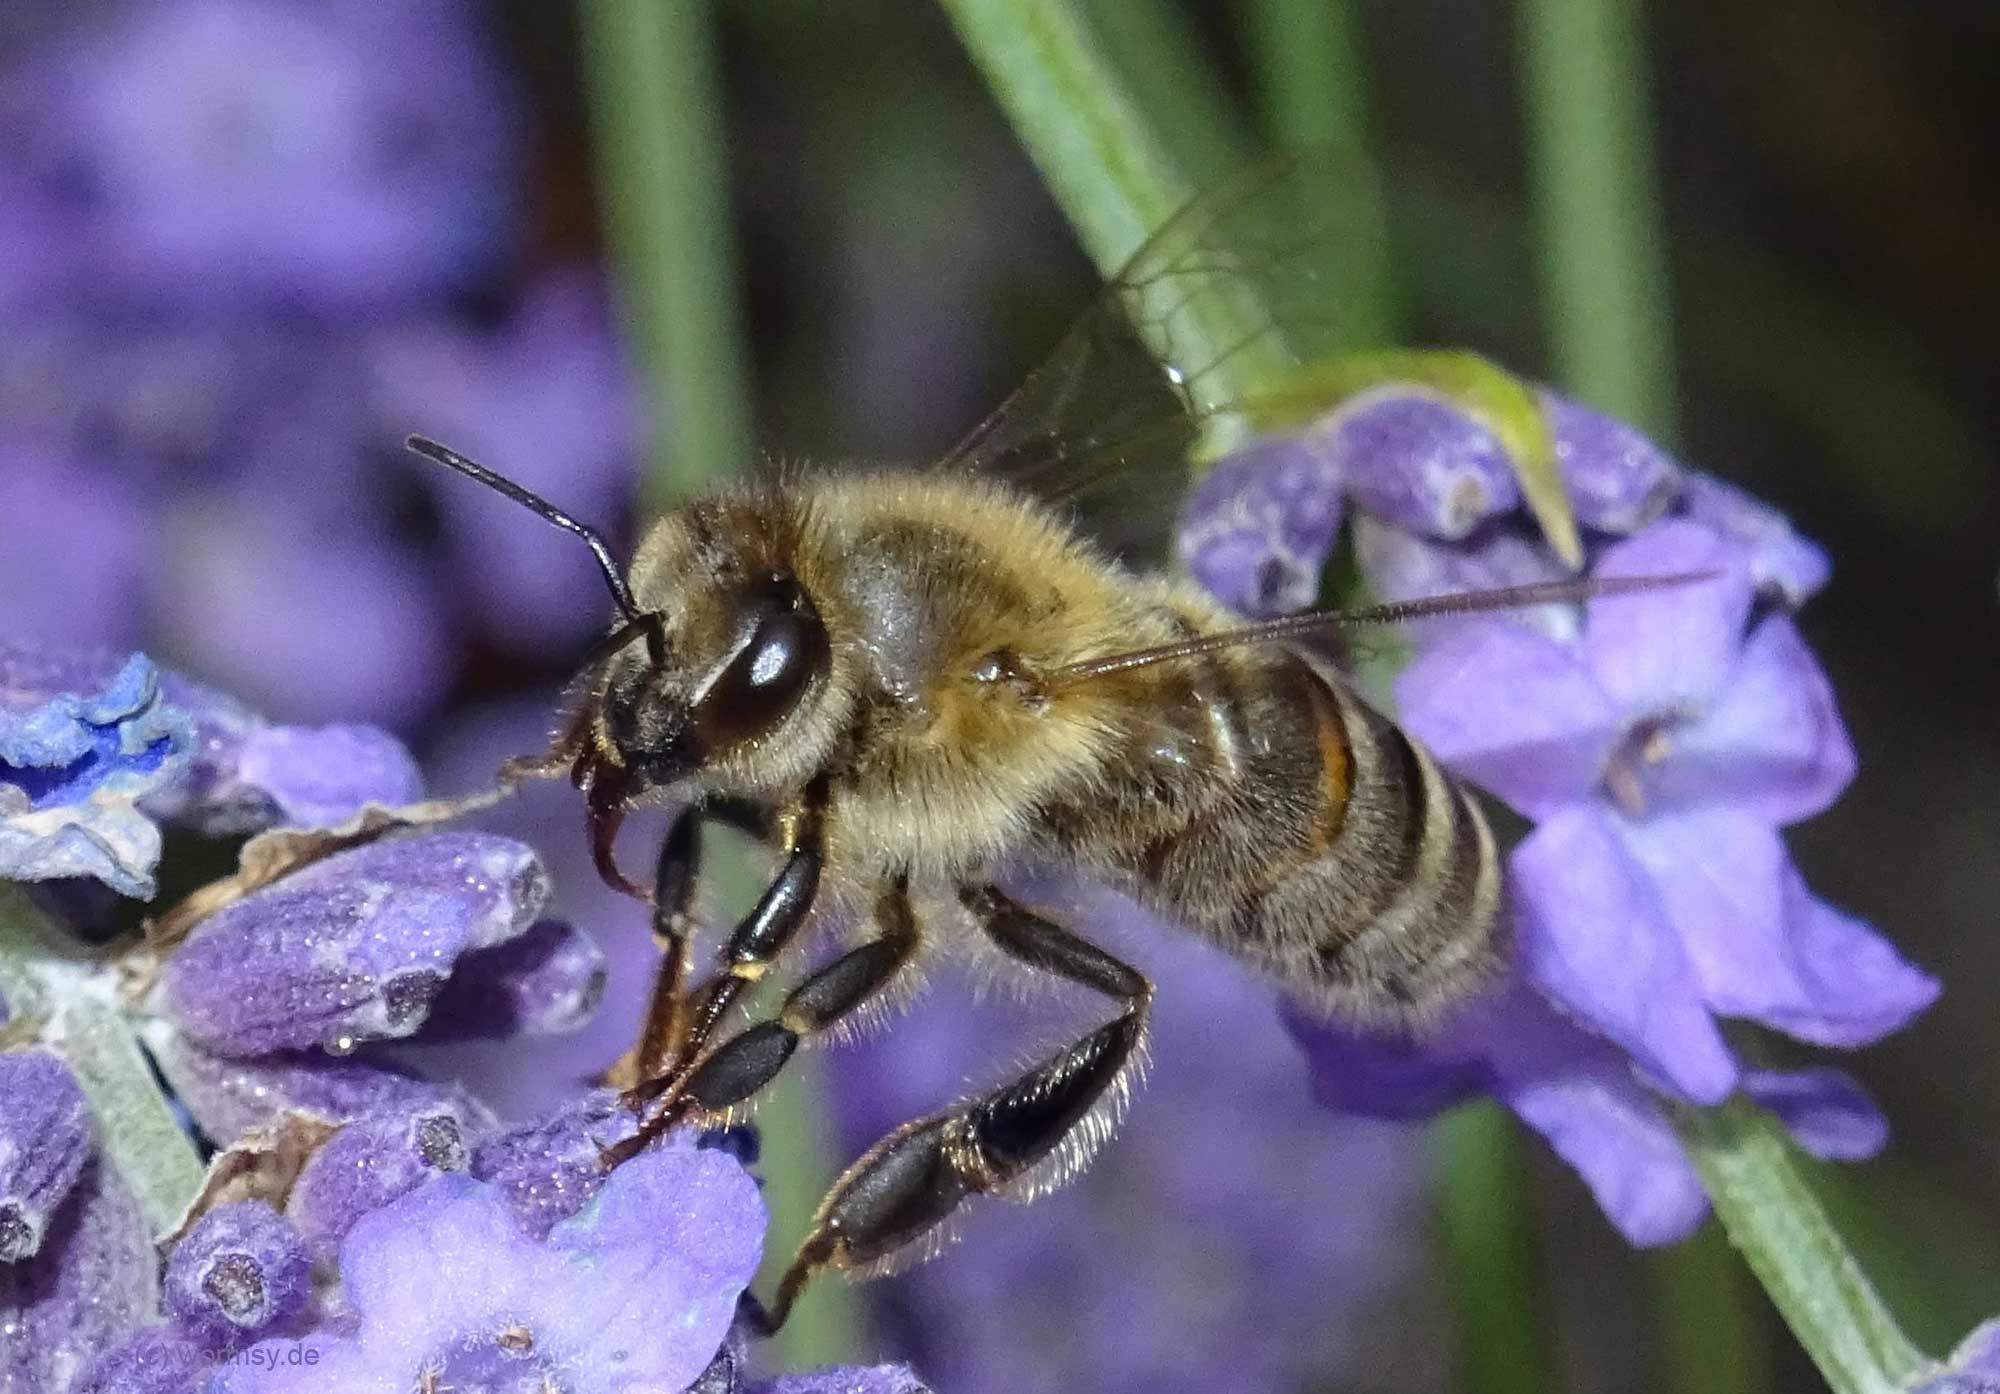 Honigbiene in Worms